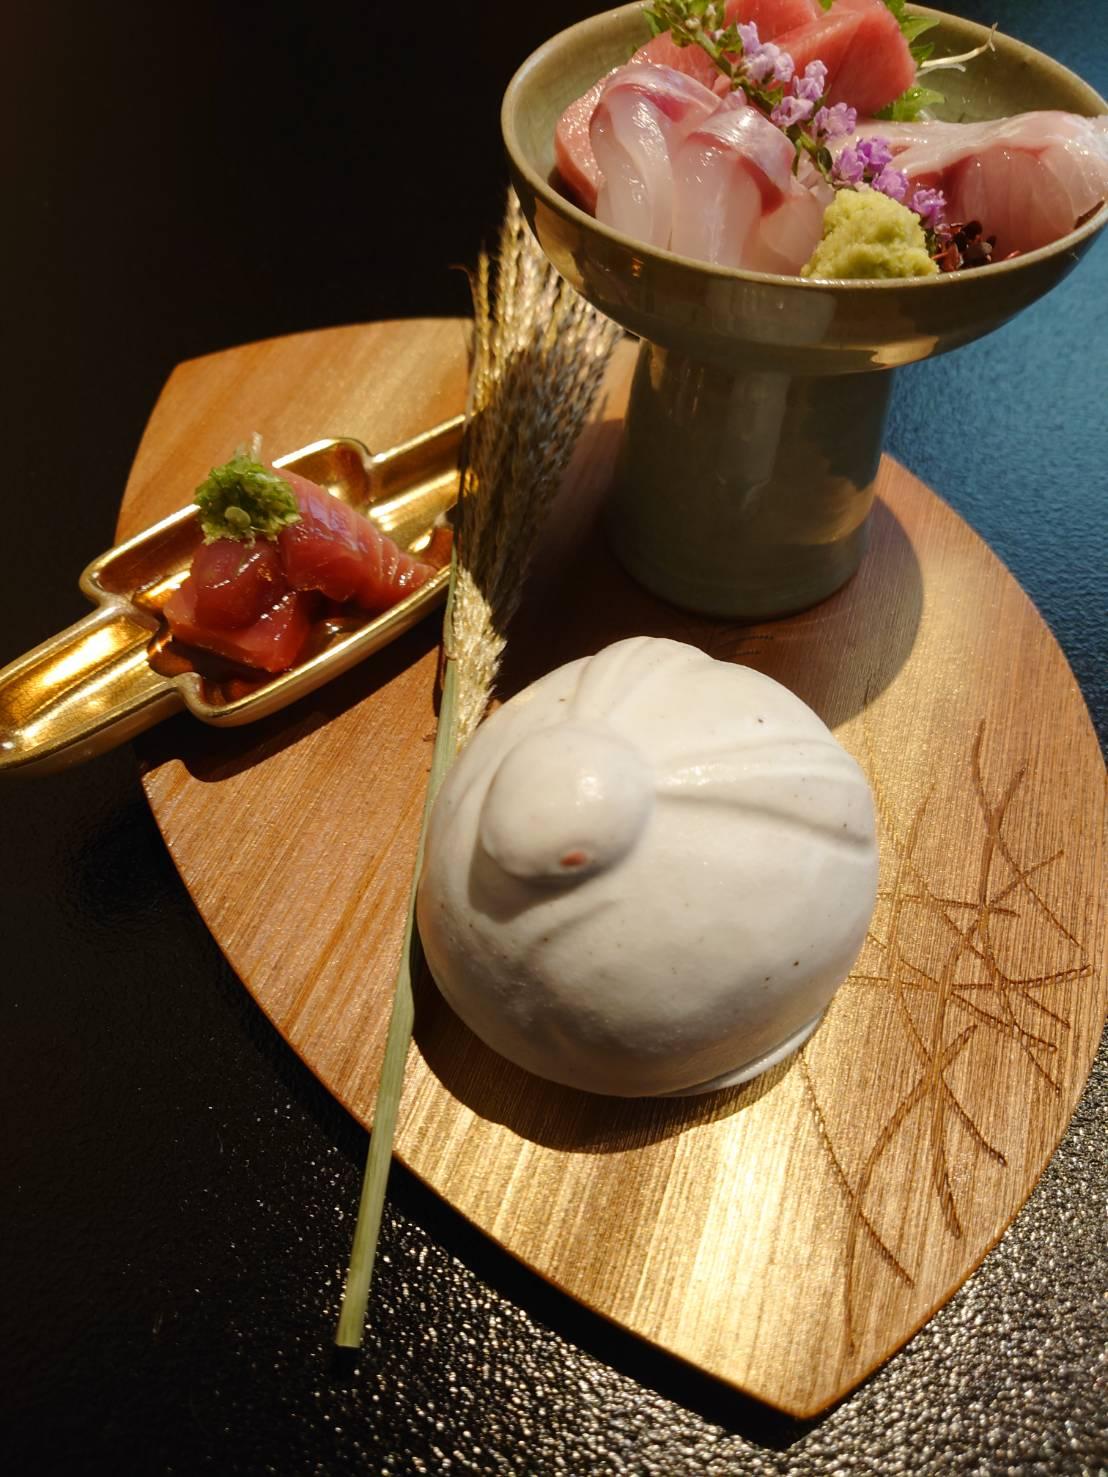 【日本料理みつわ】本日の一皿<p>まもなく十五夜。 今宵のお造りは、 お月様と兎の器でご用意いたしました。 旬の食材と共に、 器や箸置きにも季節感を取り入れ お楽しみいただいております。 台風が去った後には、 きれいな満月が夜空に浮かぶことでしょう。</p>